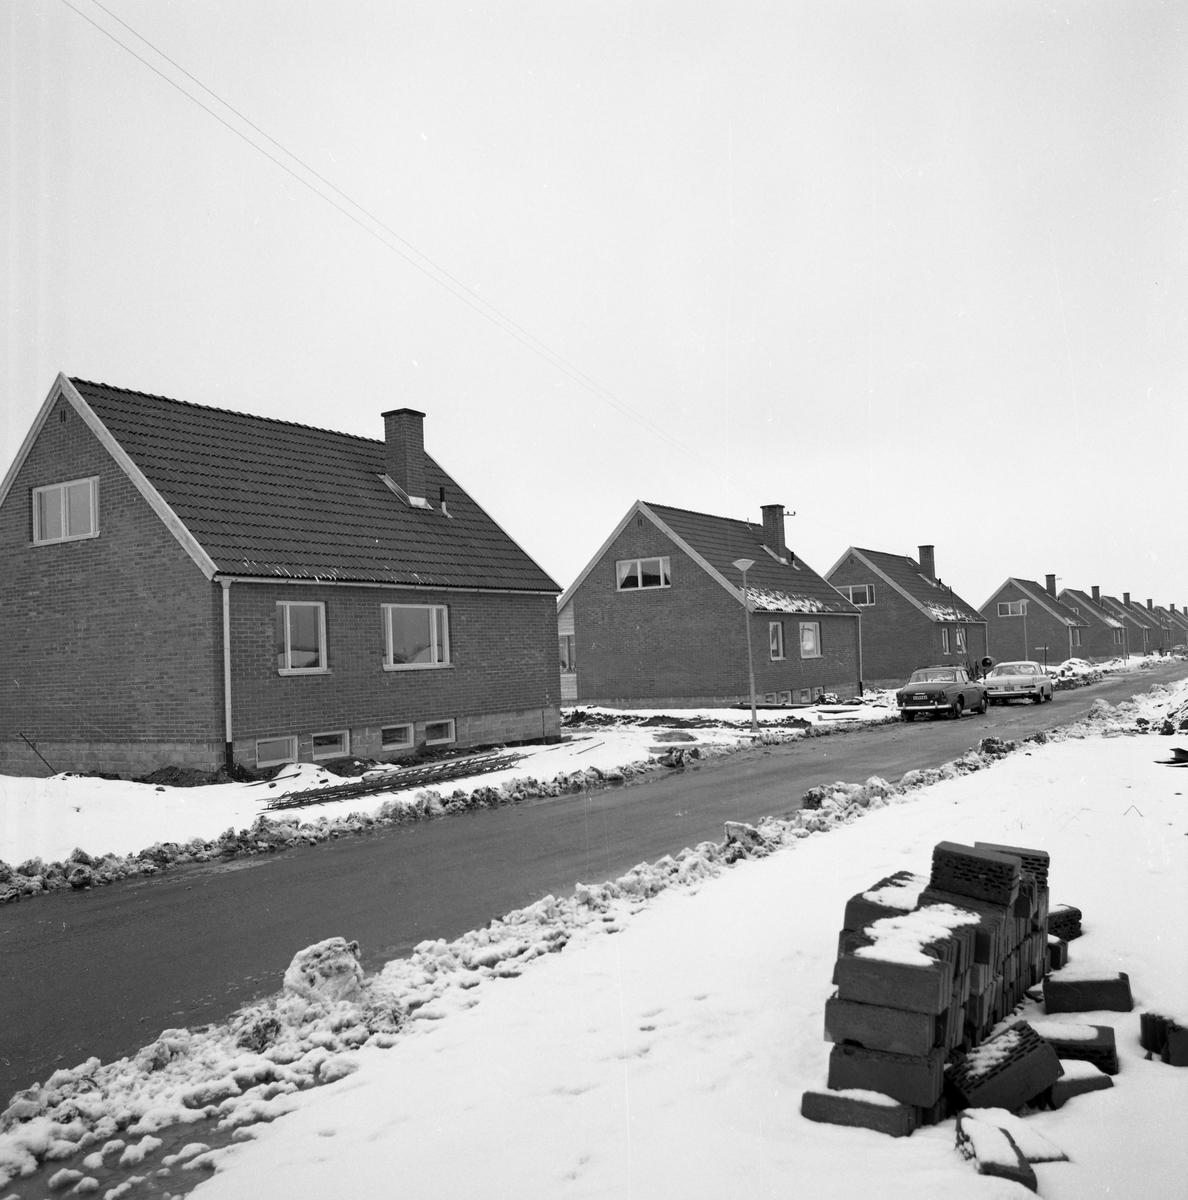 Nybyggda villor på Rydaholmsgatan. Modellen kallas Arbogavillan lll. Några bilar står parkerade på gatan. Ett snötäcke ligger på marken. I förgrunden ligger en hög med tegelstenar.